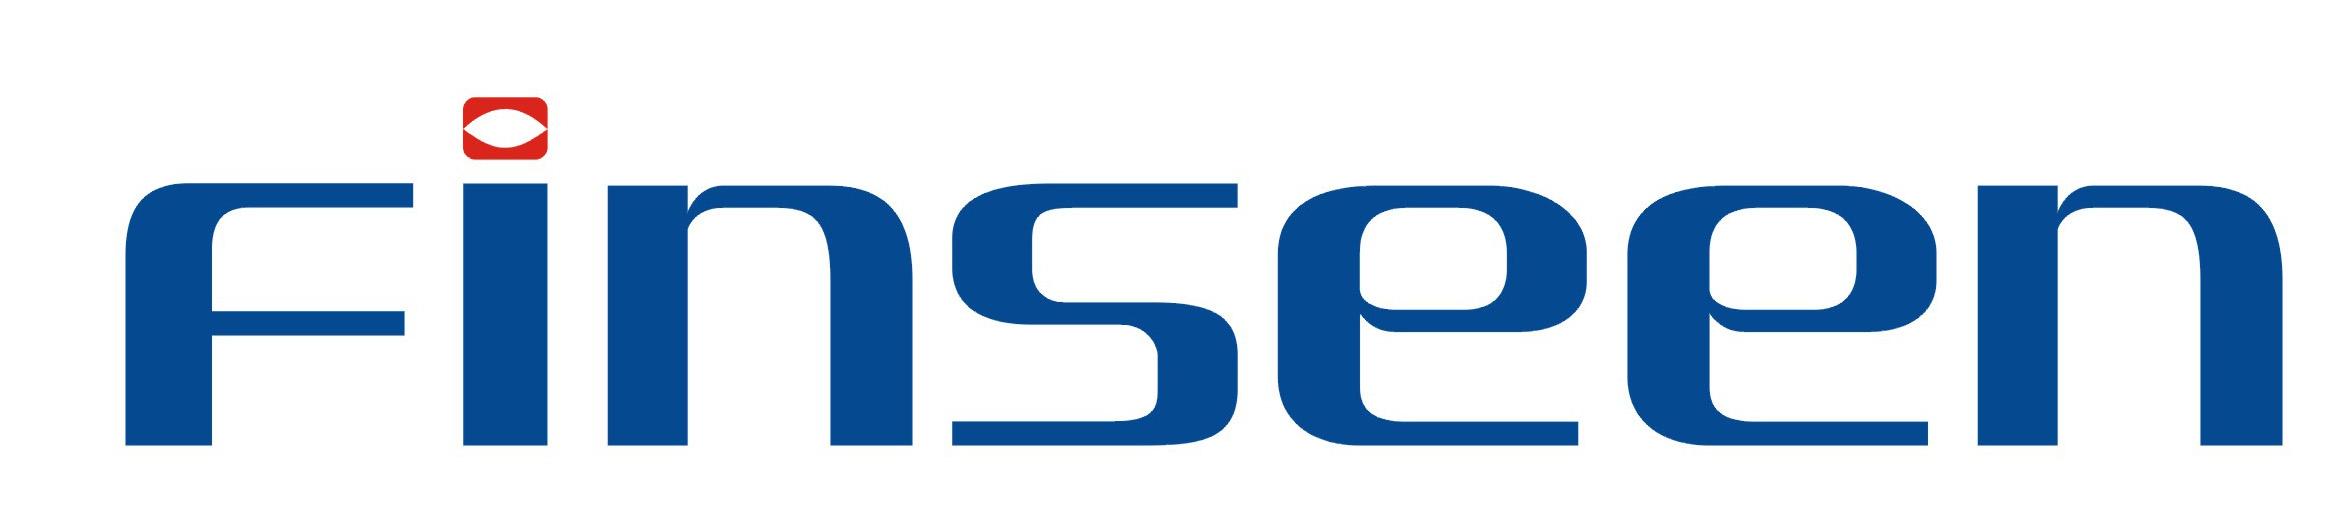 logo logo 标志 设计 矢量 矢量图 素材 图标 2336_521